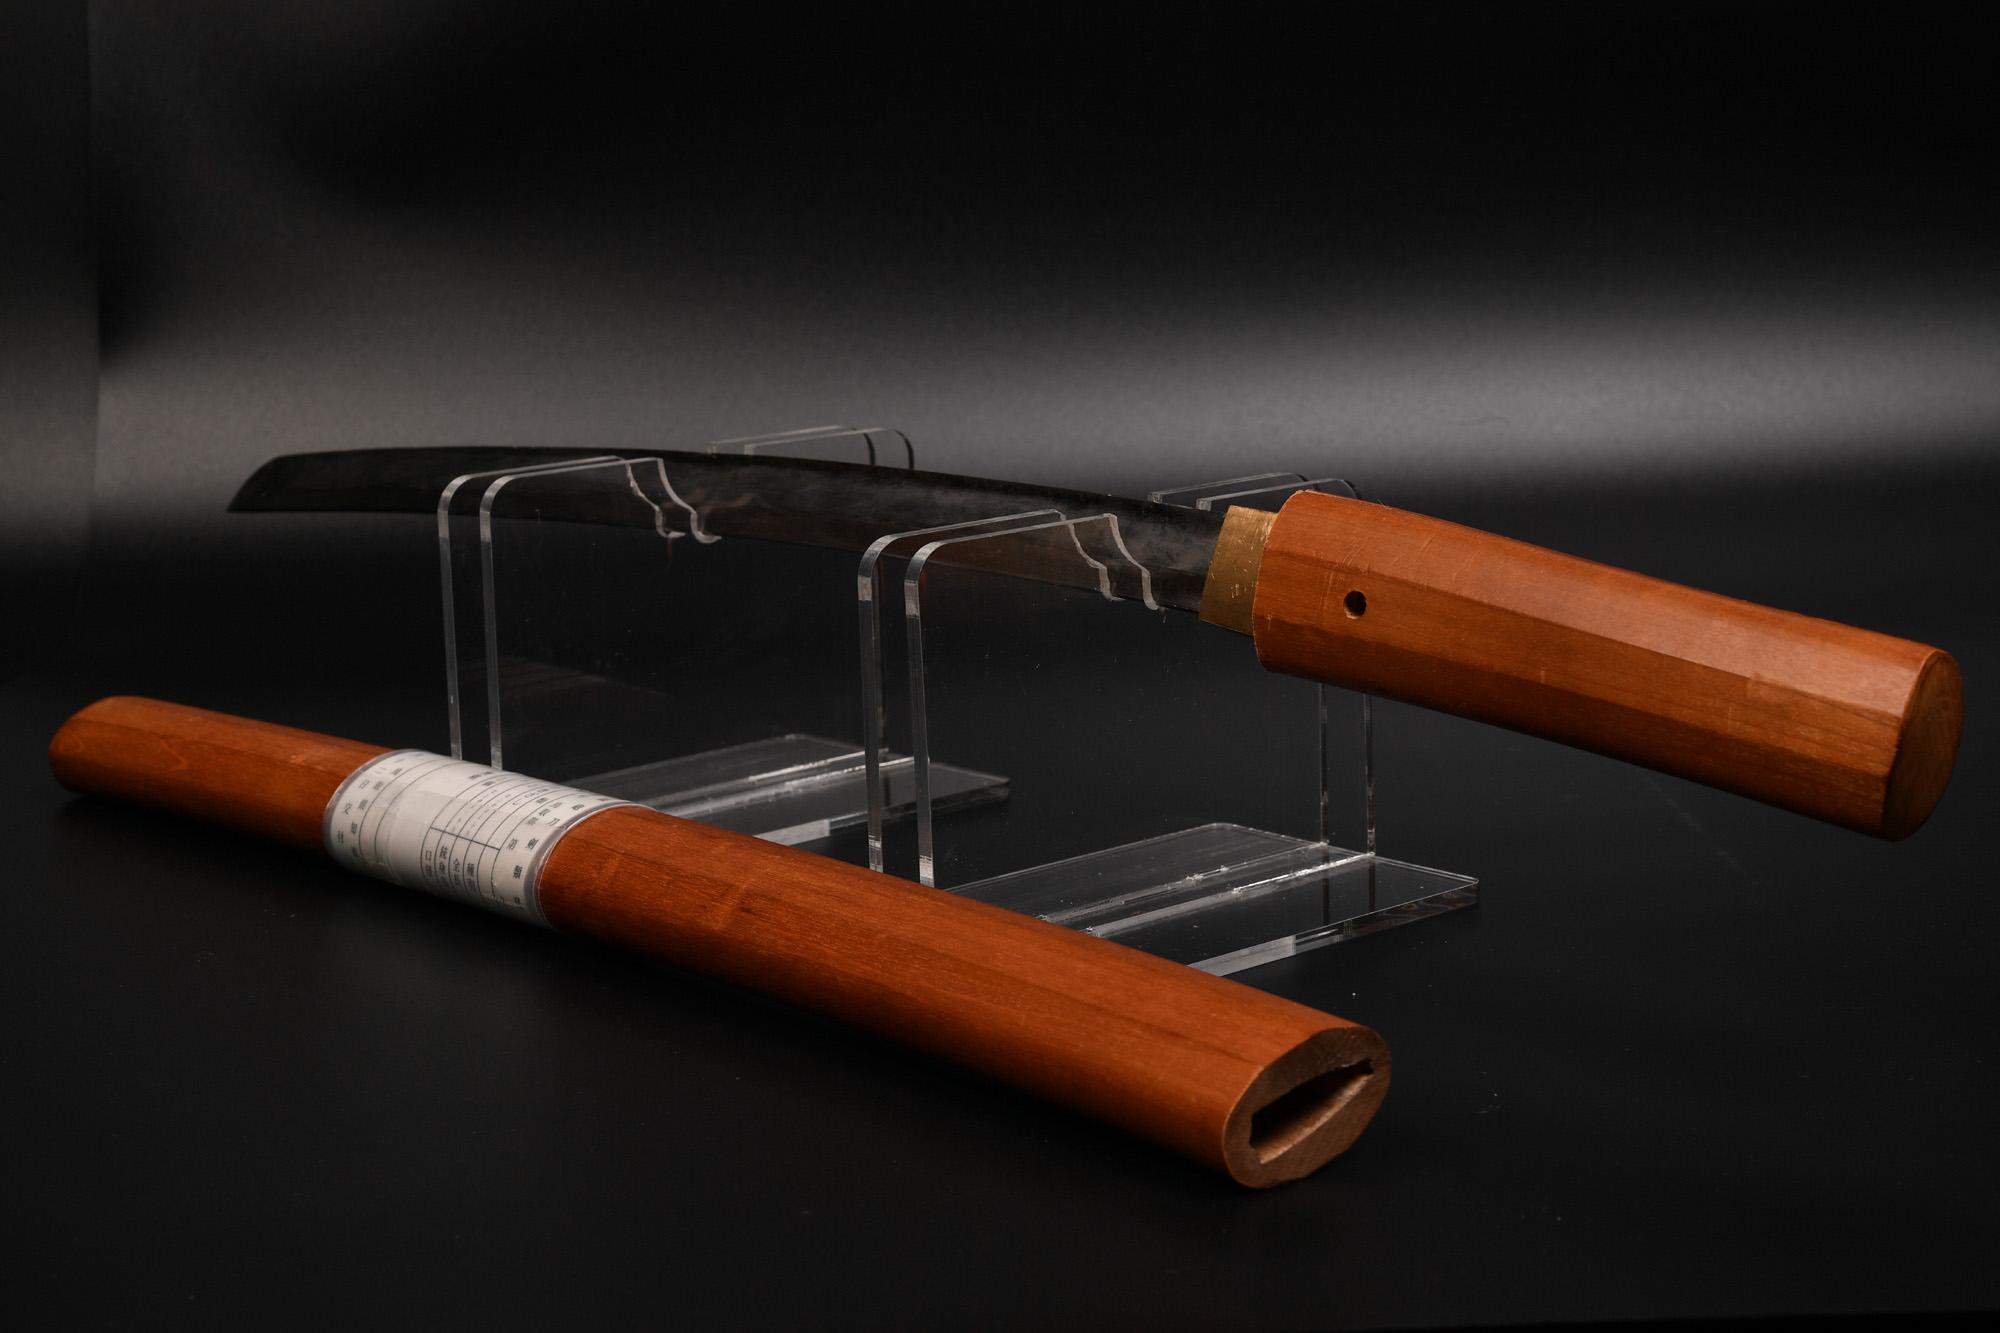 日本刀 脇差し(本身)に摸造刀の白鞘を流用